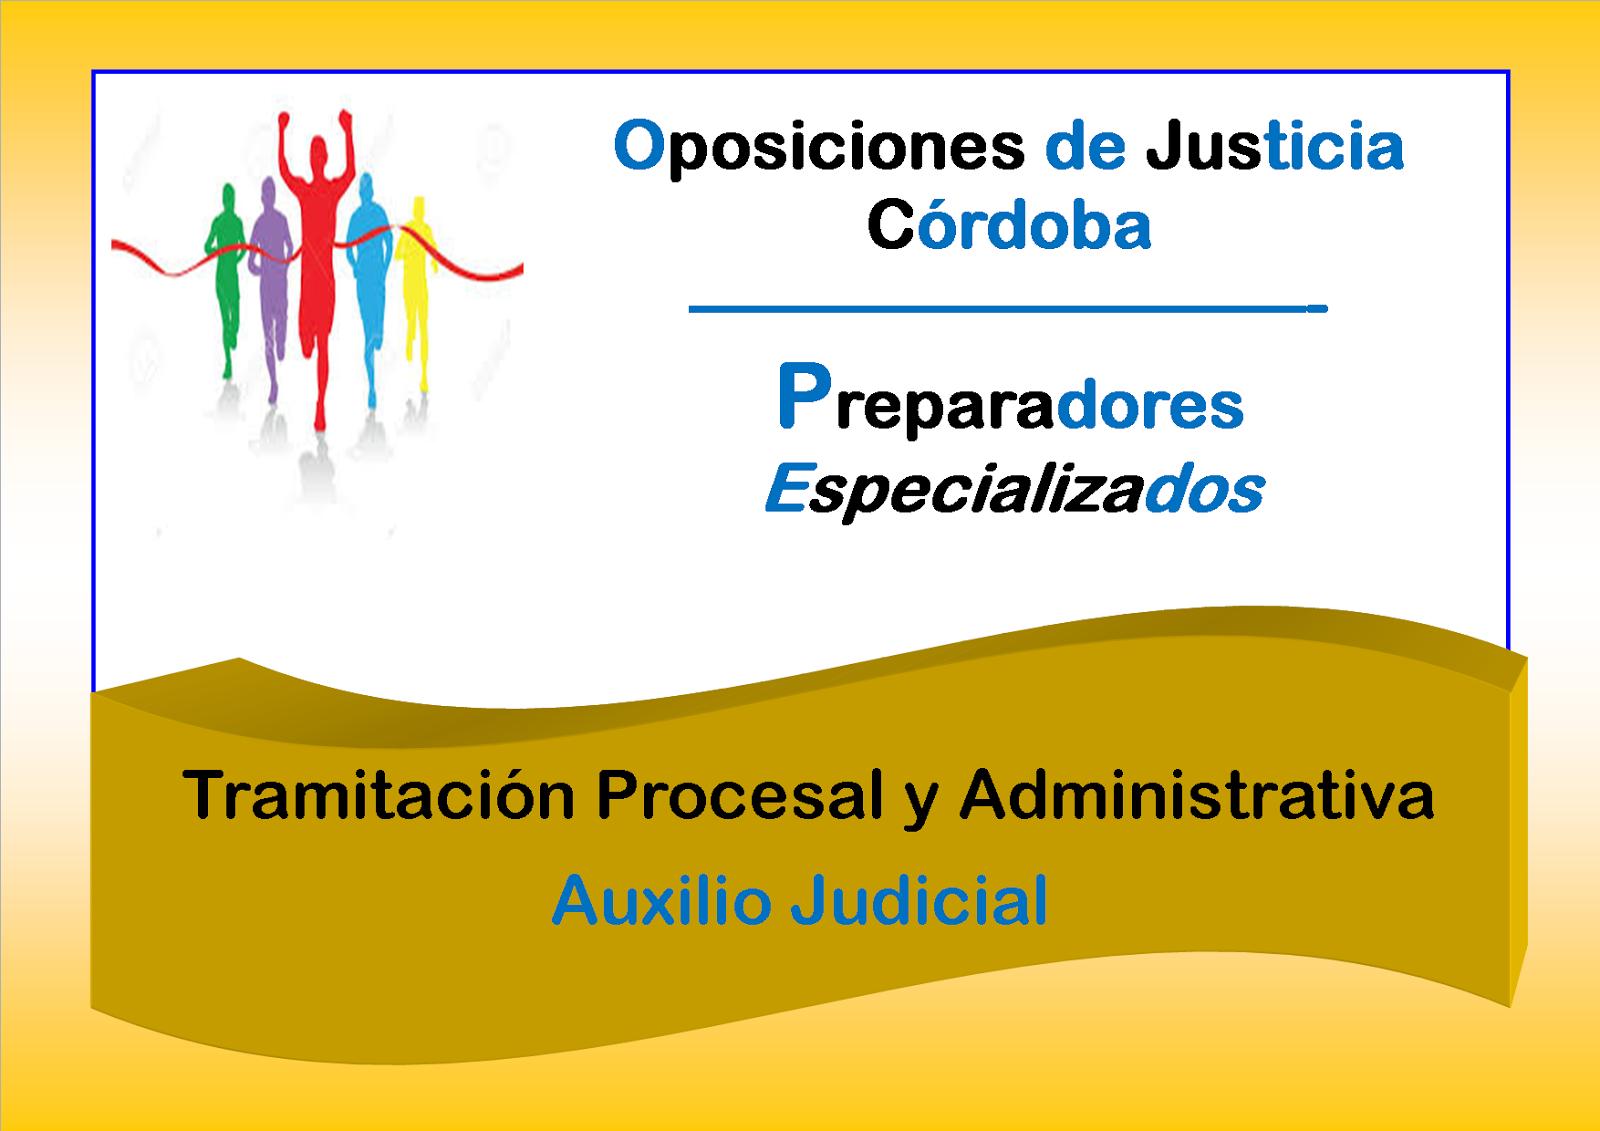 CONVENIO USO-ALYMA FORMACION ESPECIALISTAS EN OPOSICIONES JUSTICIA CORDOBA